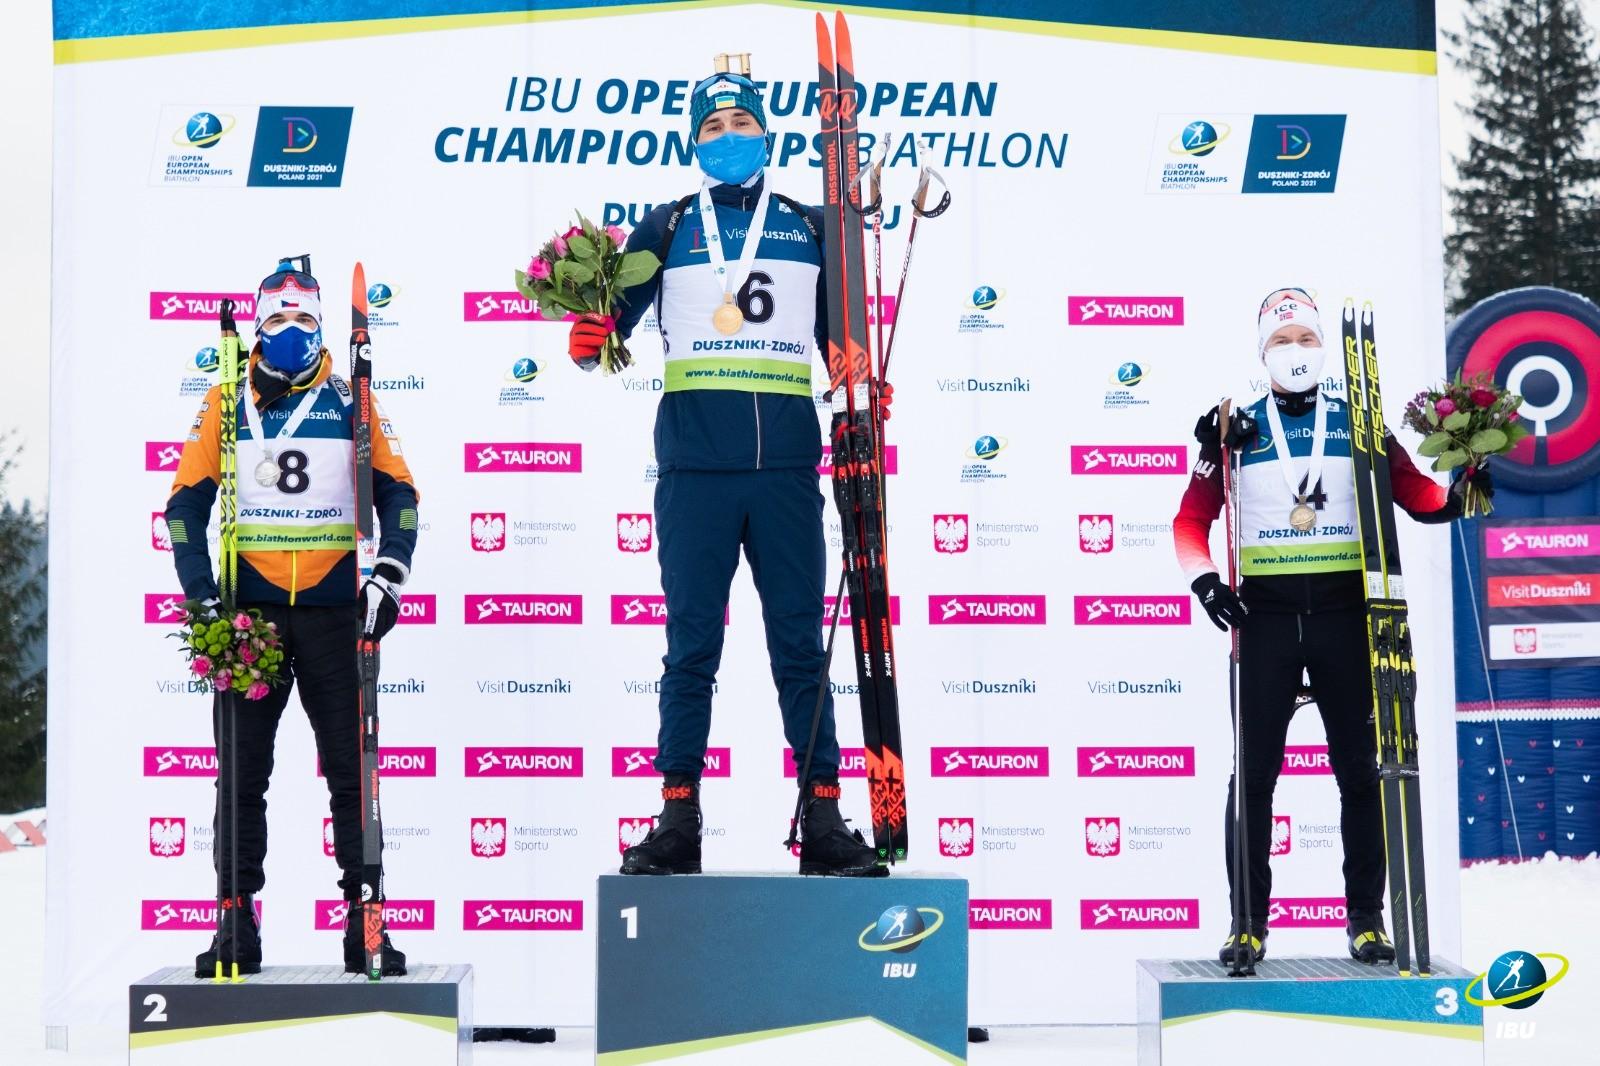 Українець здобув золоту медаль на чемпіонаті Європи з біатлону - чемпіонат Європи, золота медаль - Es 2zjqXEAAe0Sq